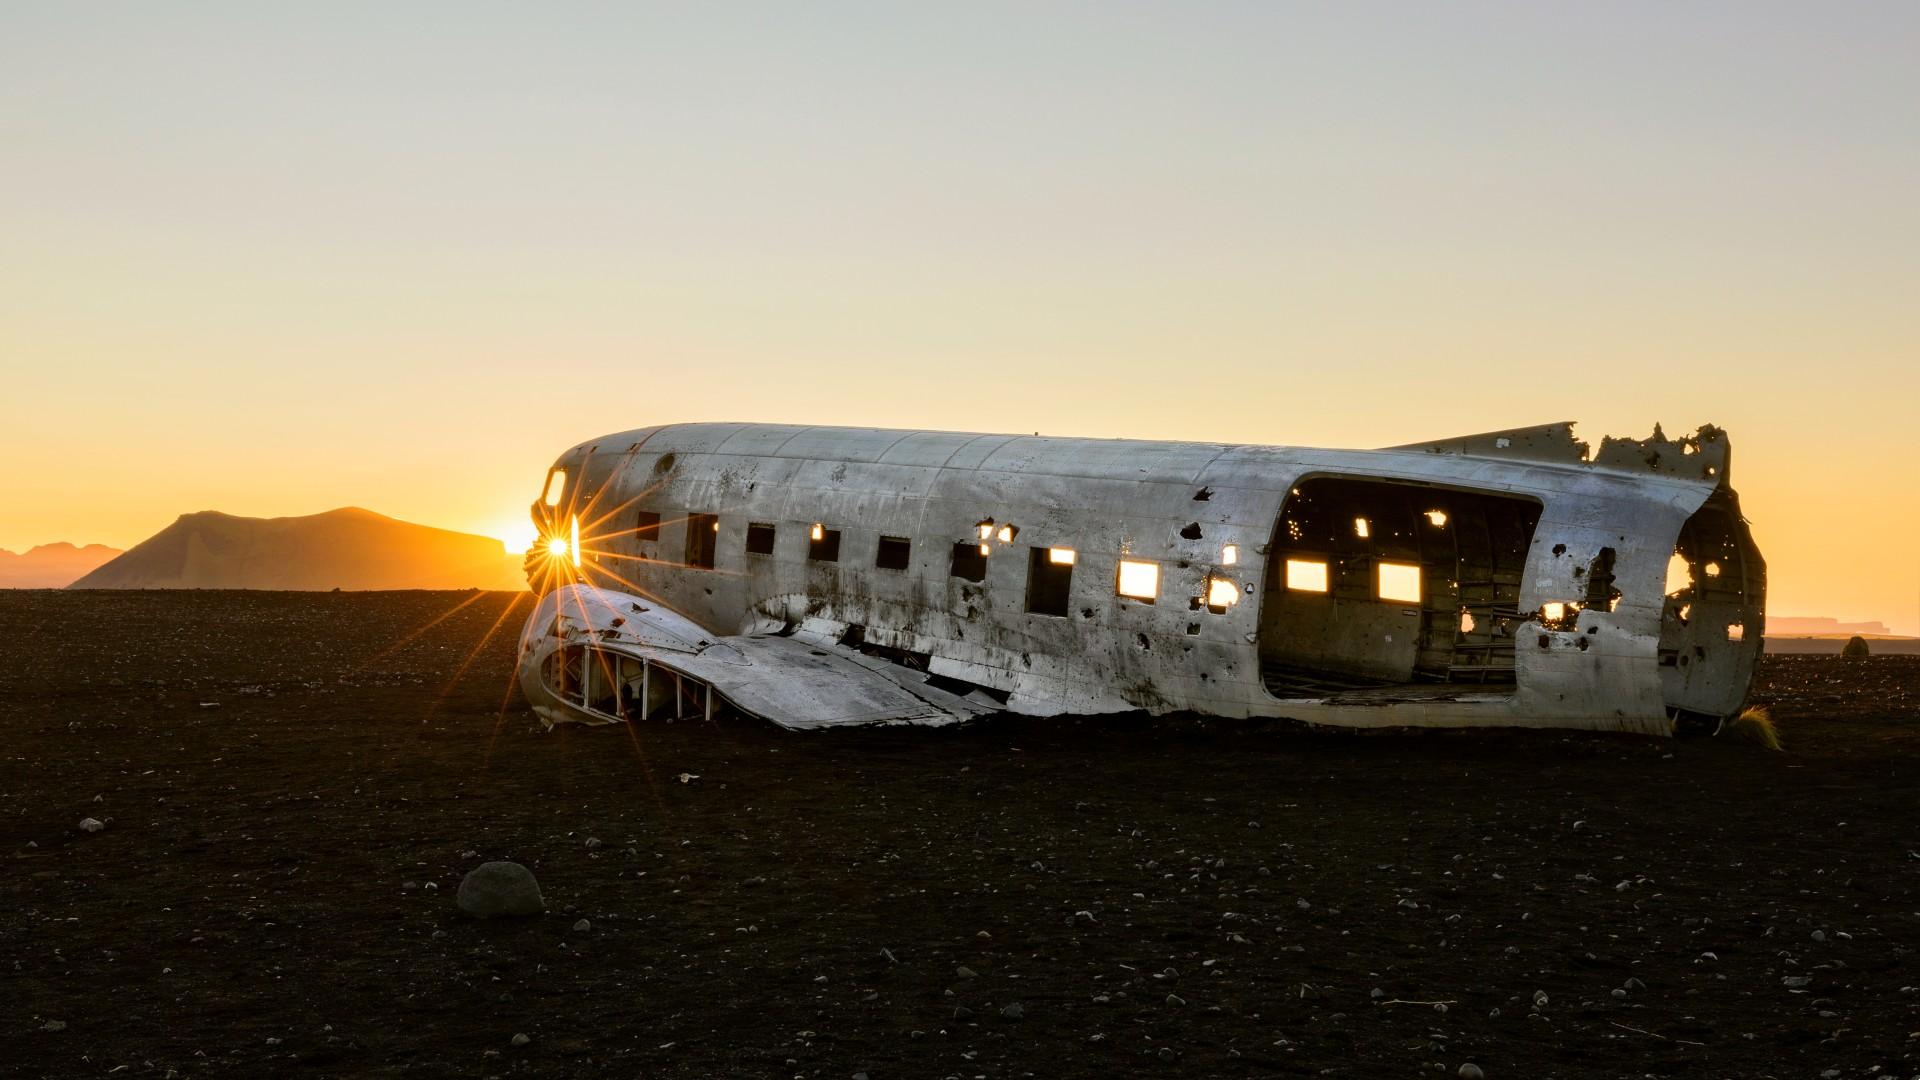 The plane wreck at Sólheimasandur black sand beach